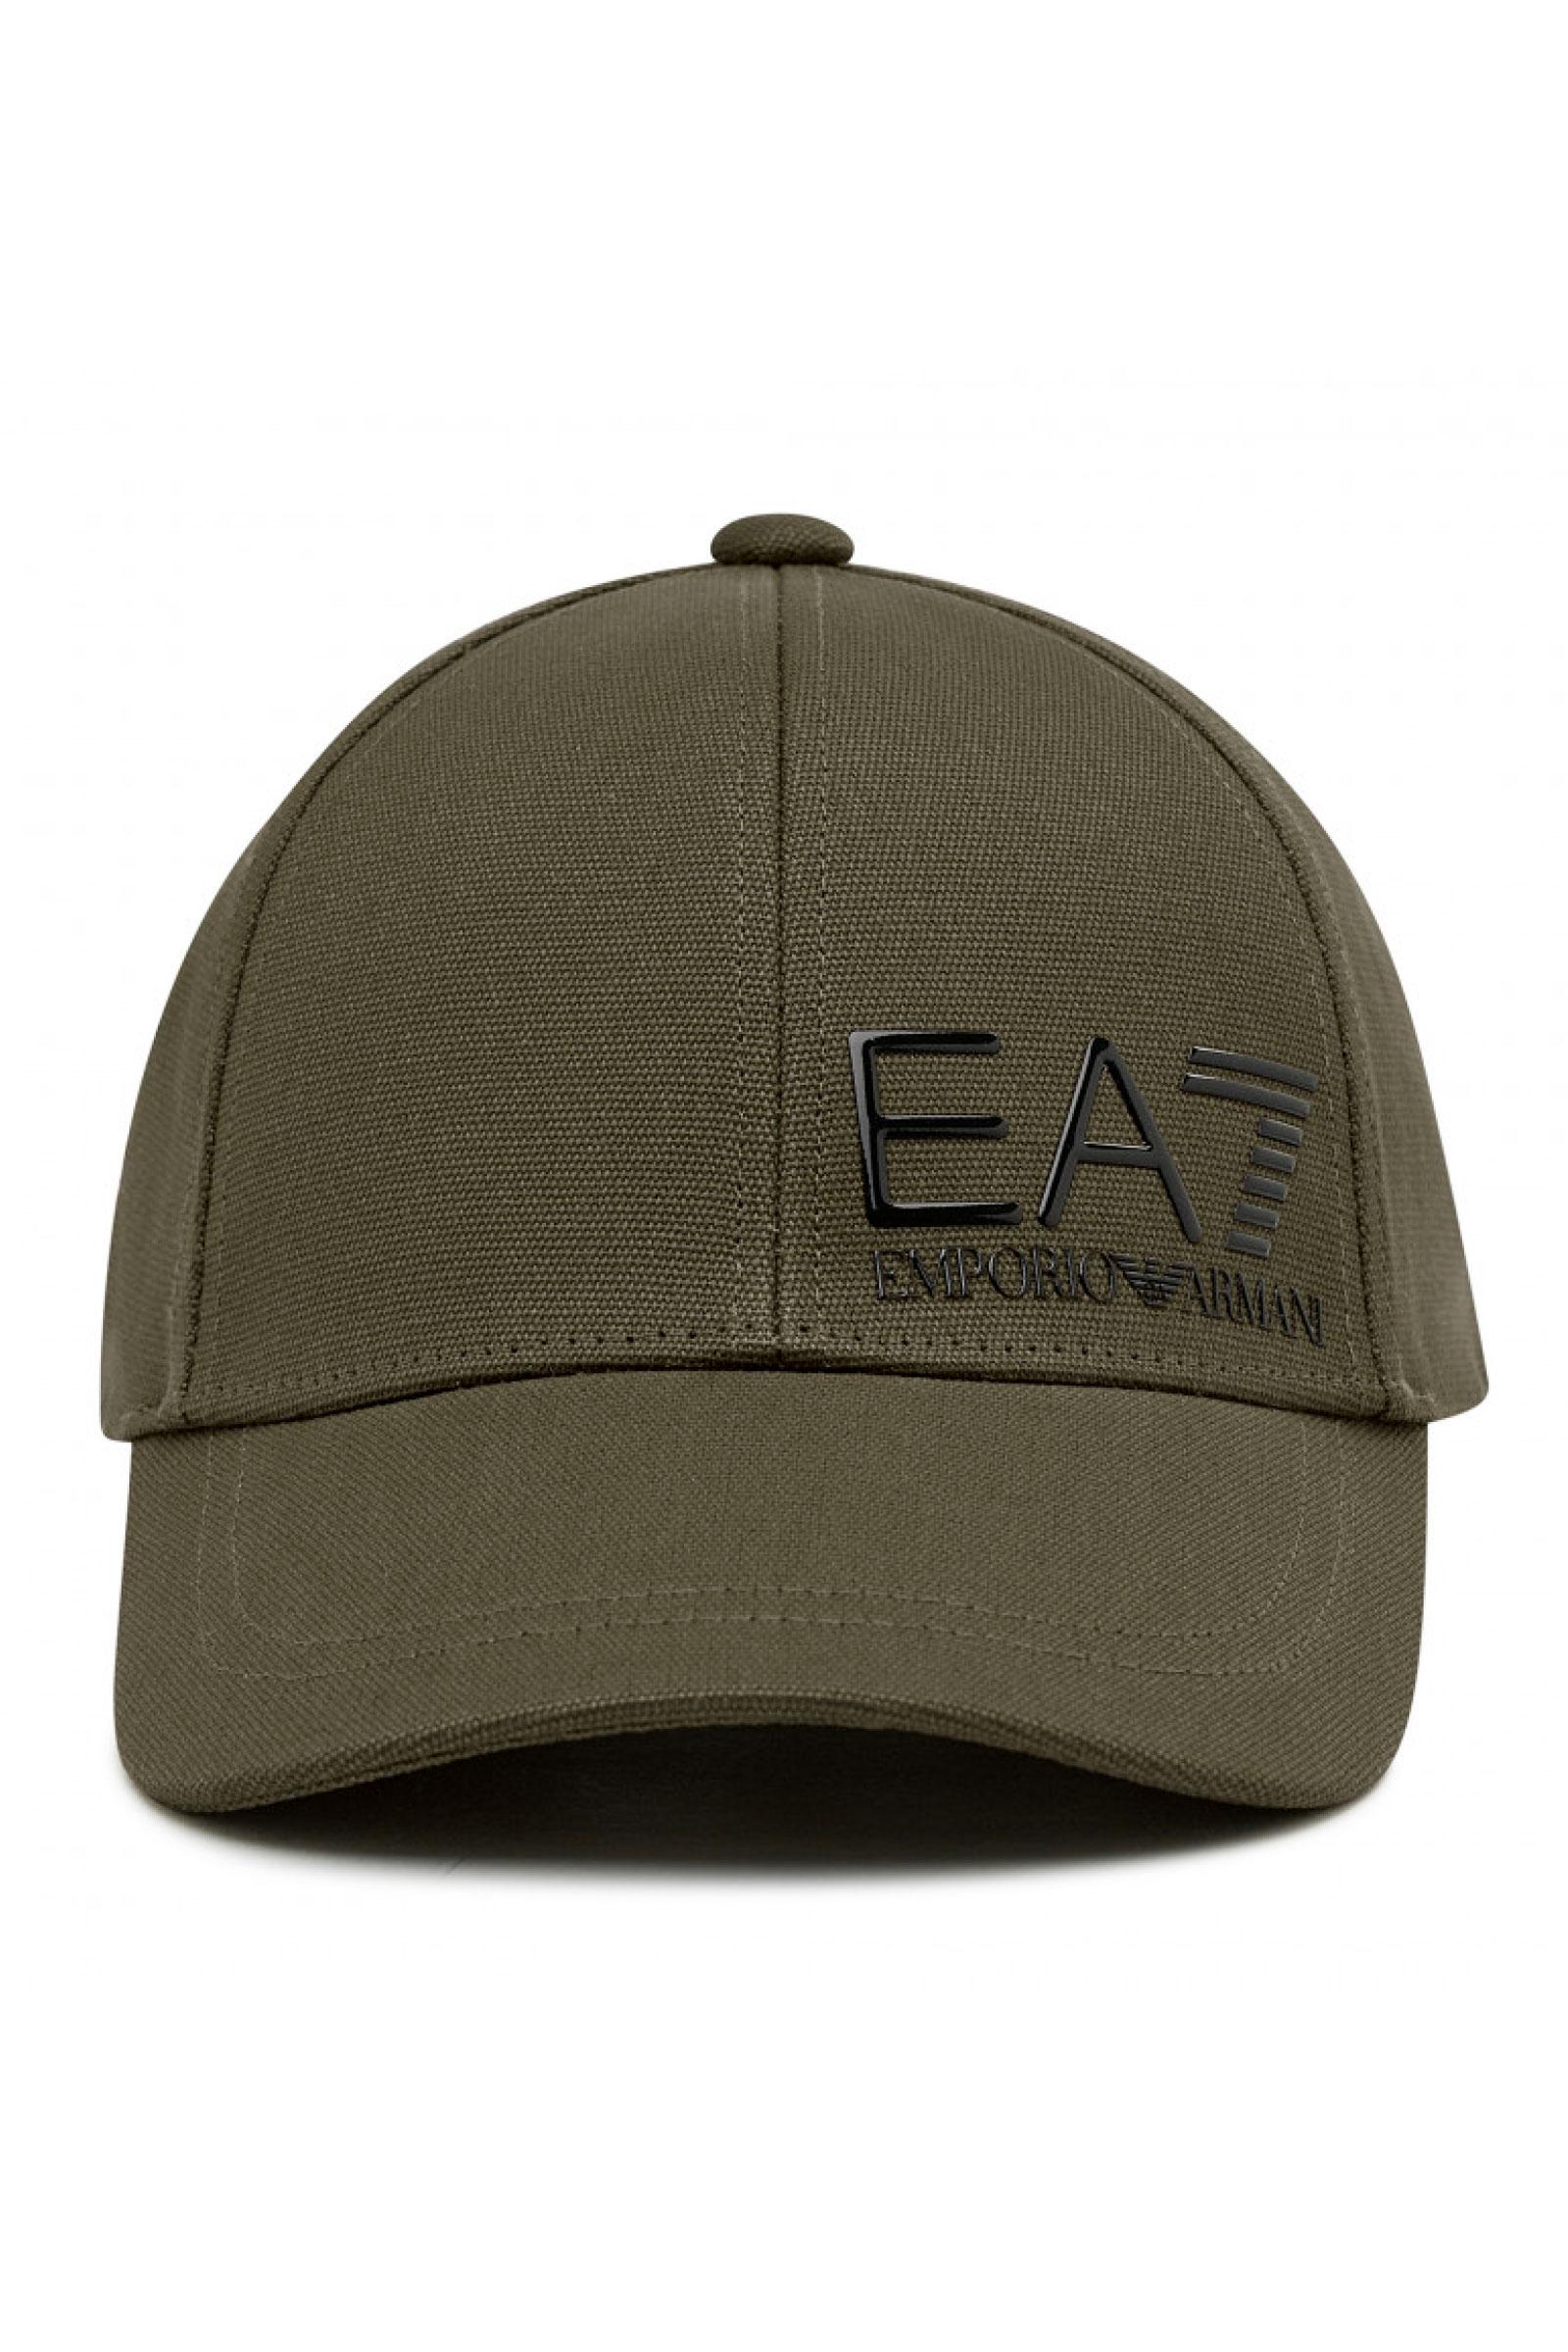 Cappello Uomo ARMANI EA7   Cappello   275936 0P01016444